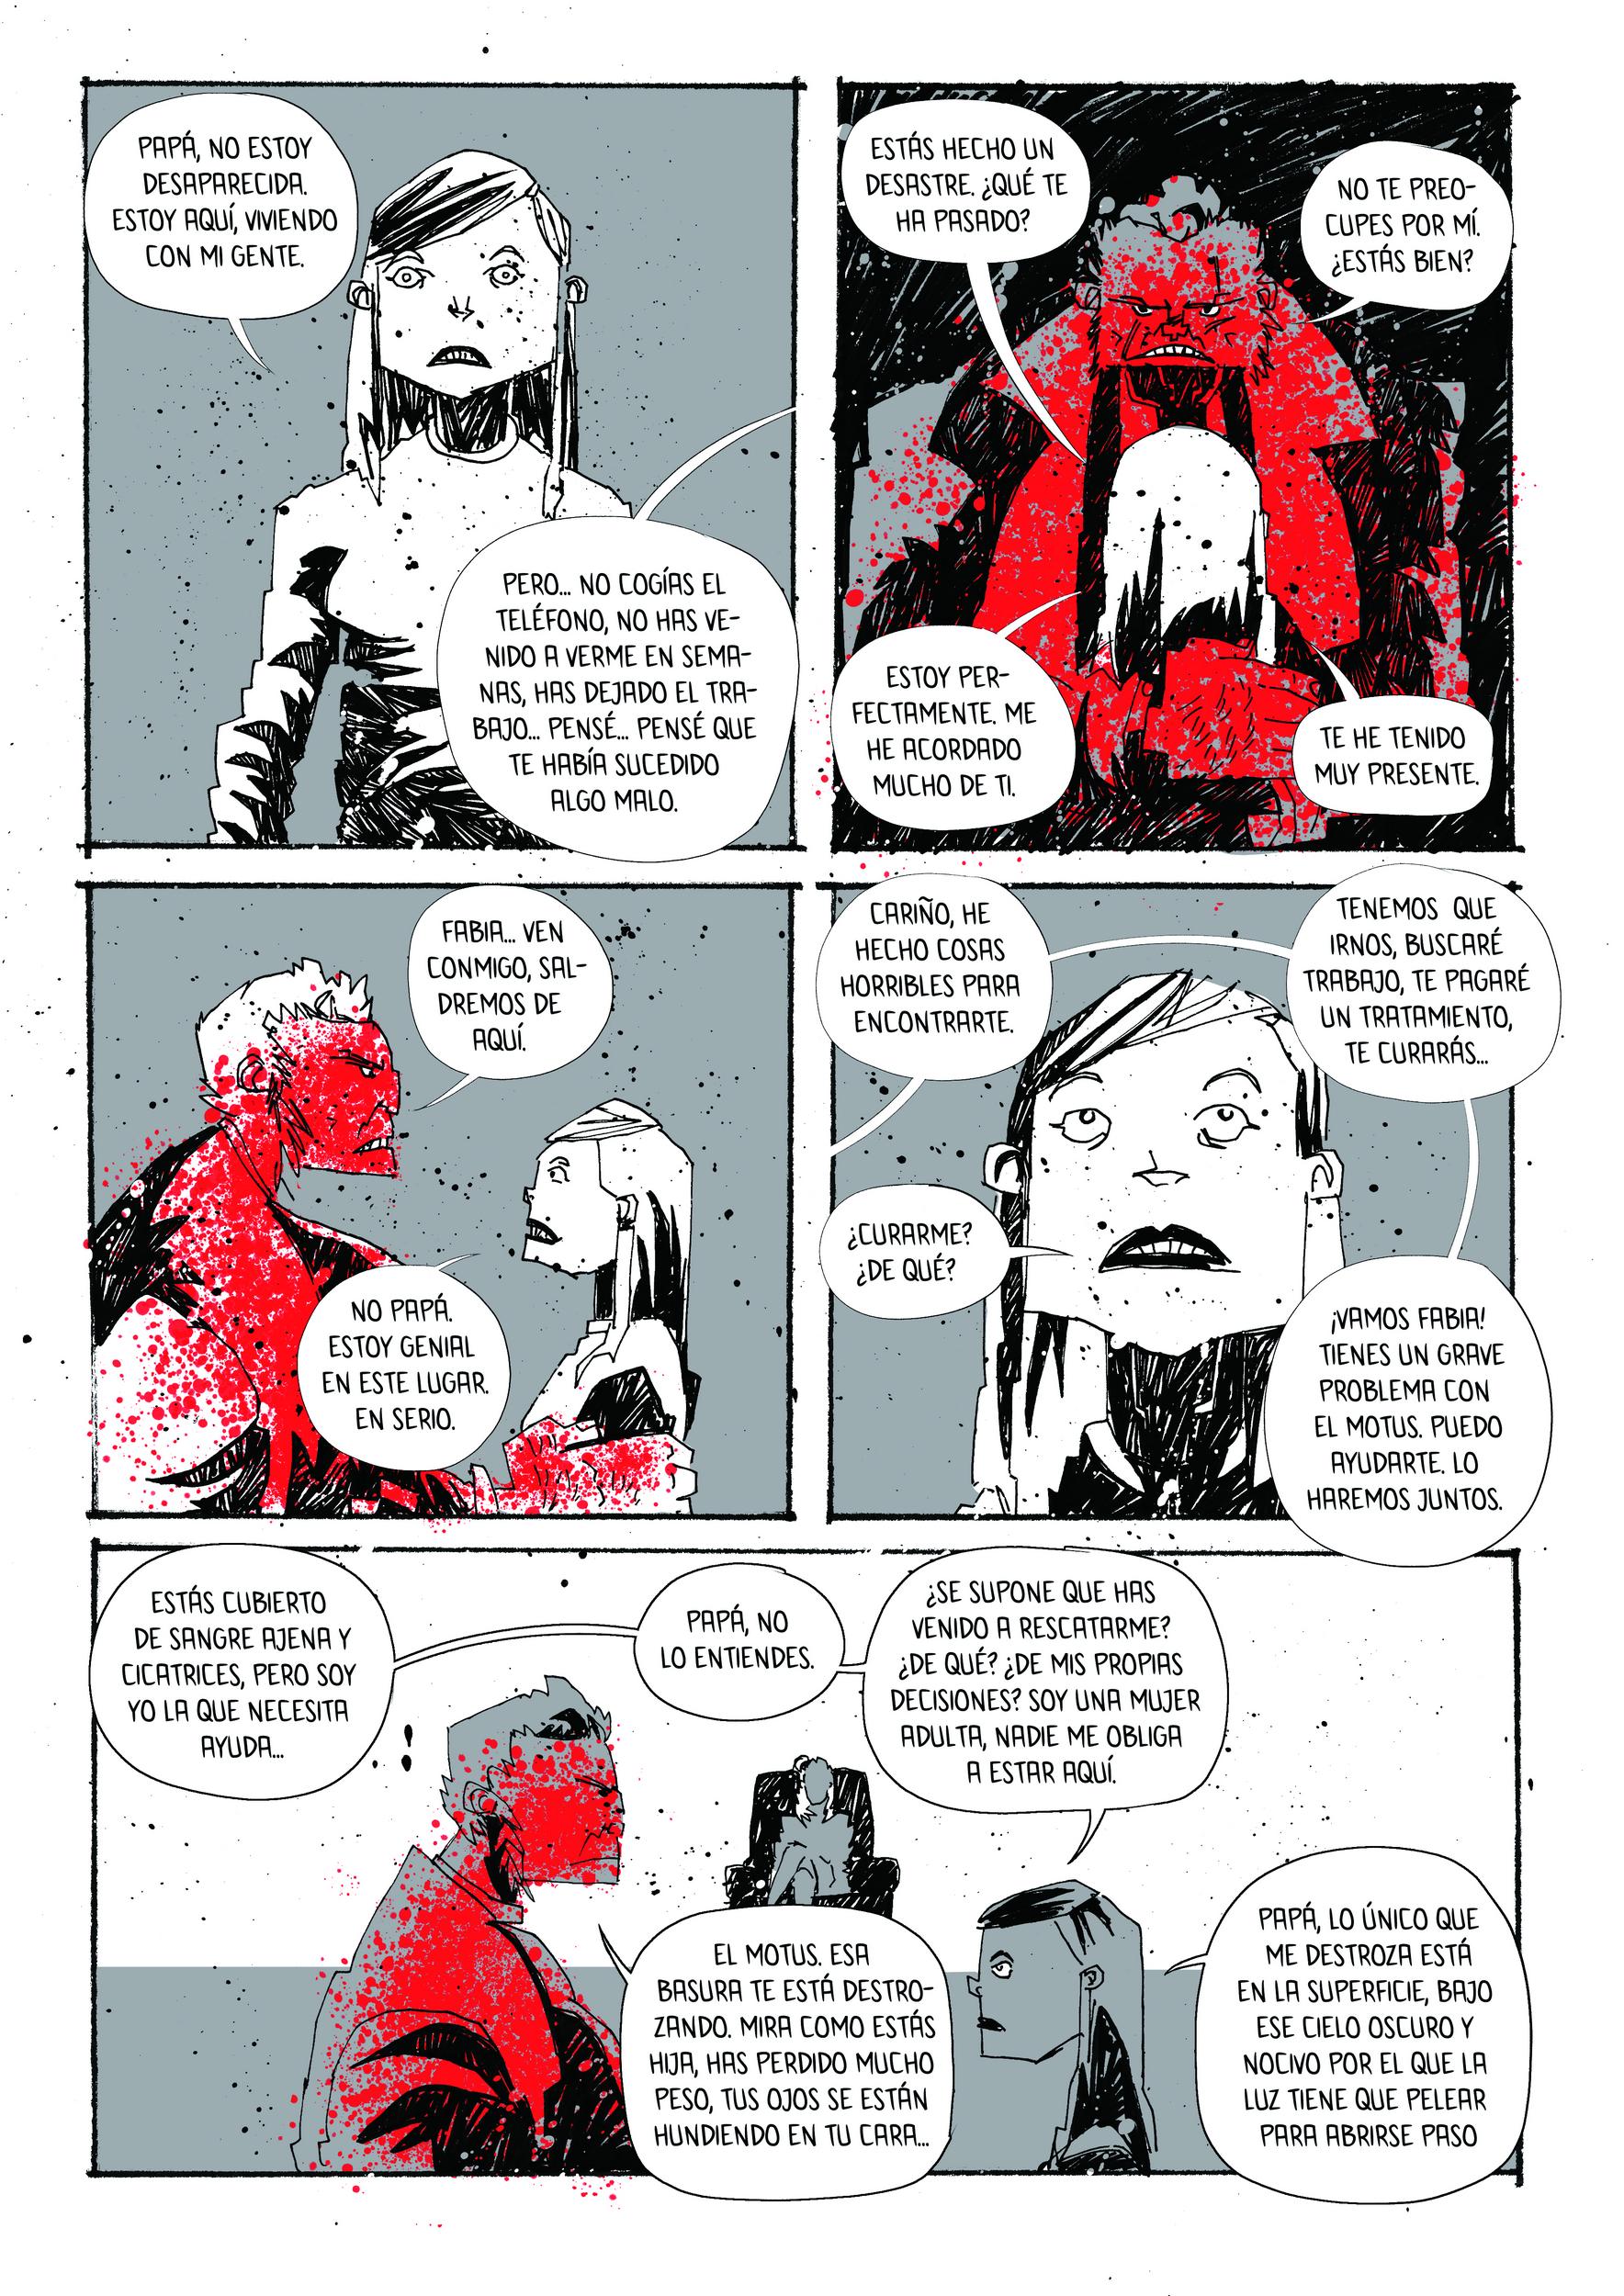 05_Hugo Martín Crespo y Alejandro Cruz Santana_Grind_pagina00022_2500_0035